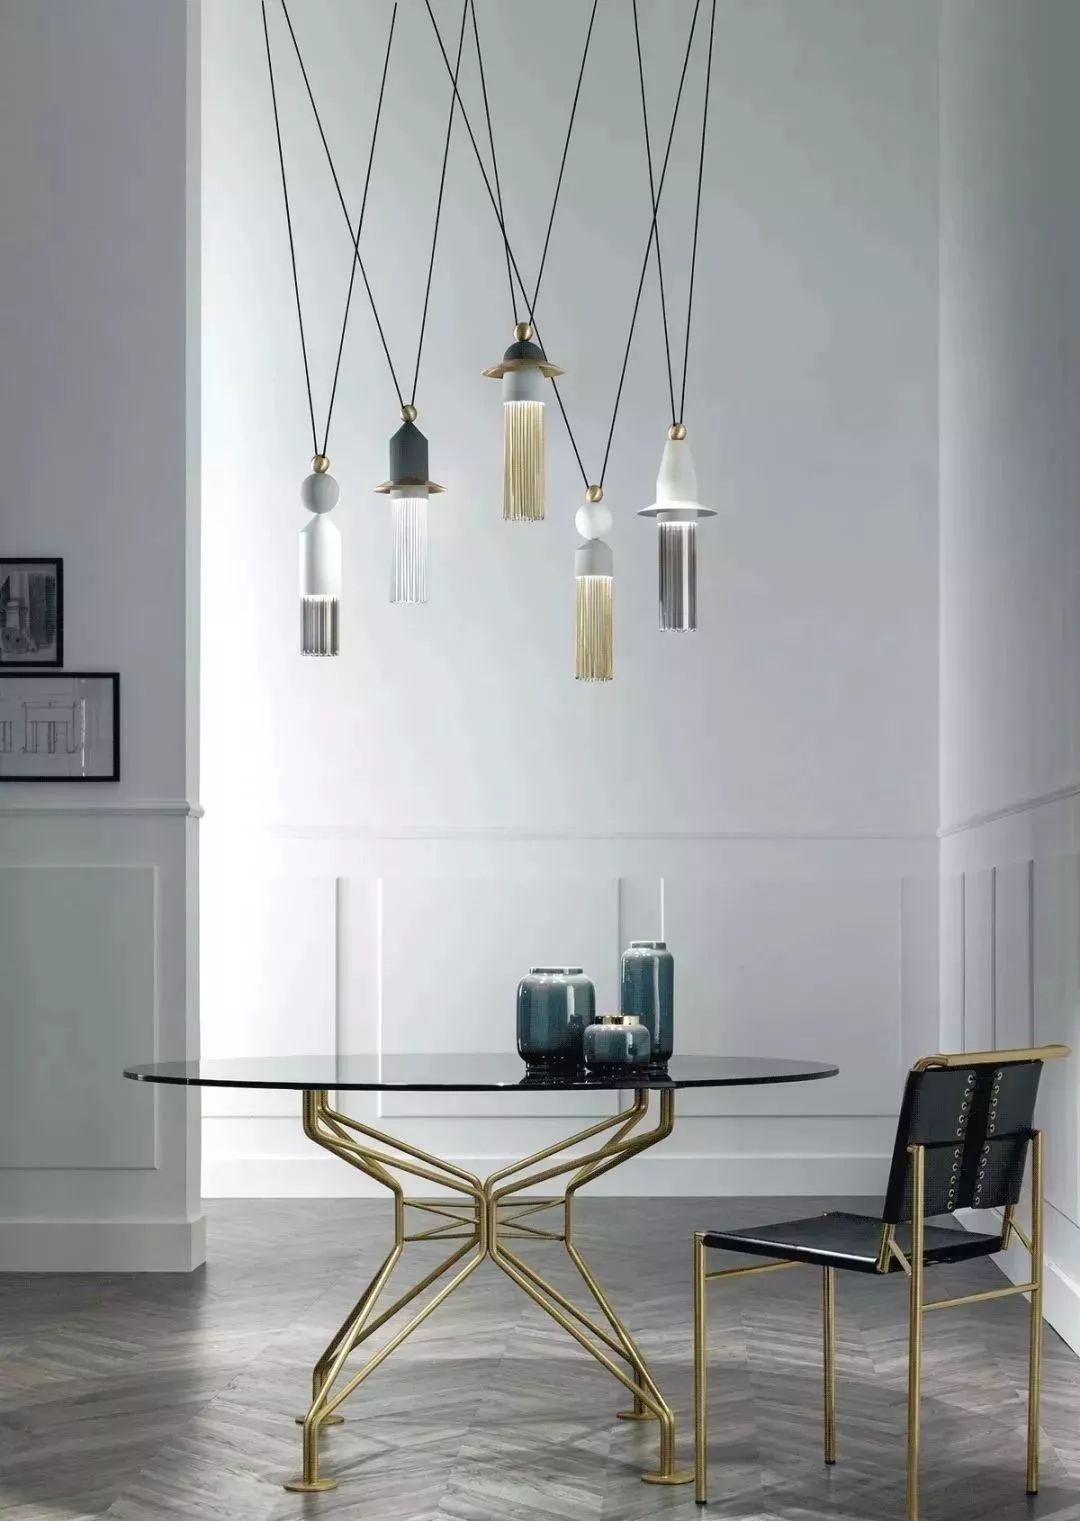 直击2019米兰设计周,感受最前沿的灯具设计!图片